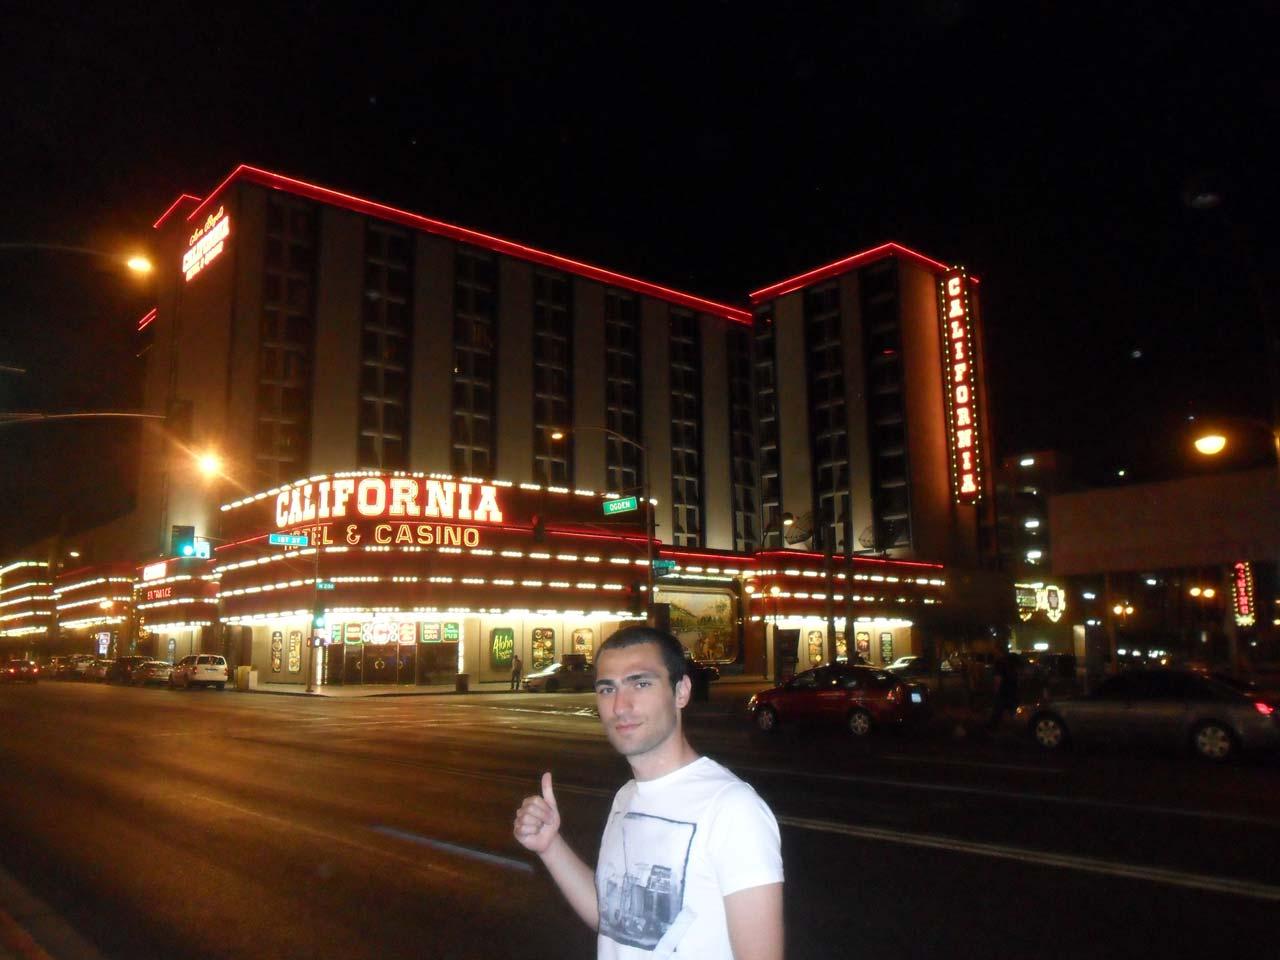 Etraf casino ve hotelden geçilmiyor